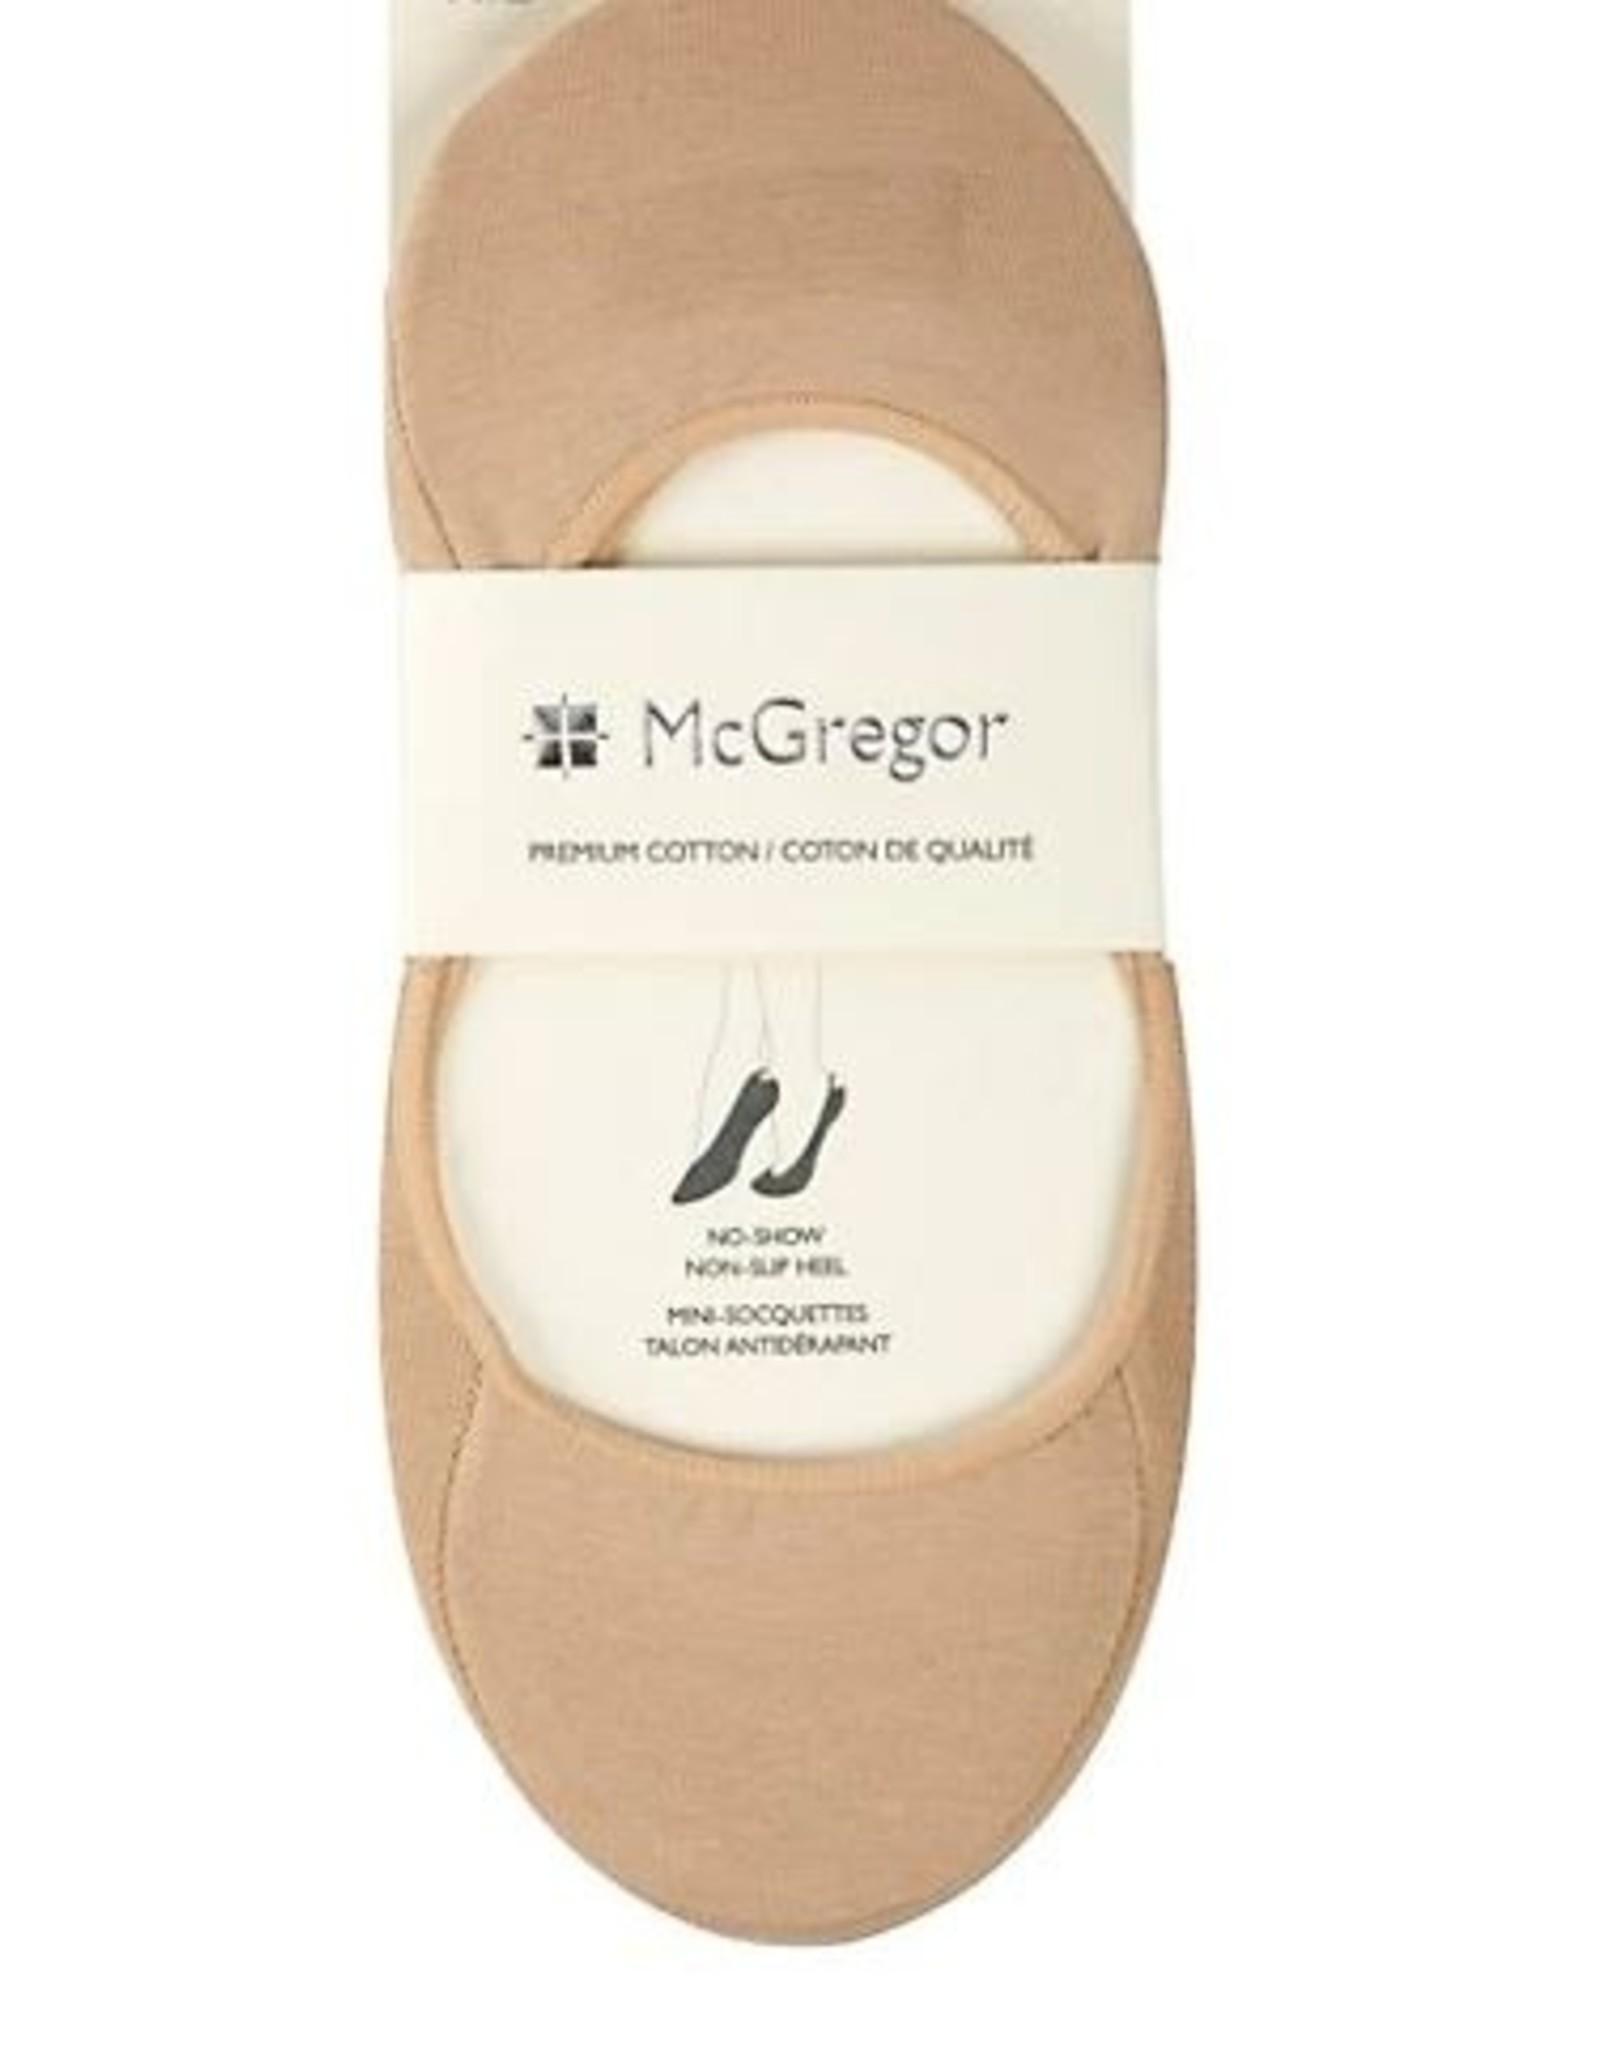 McGregor Socks Women's No Show Non Slip Heel - Nude